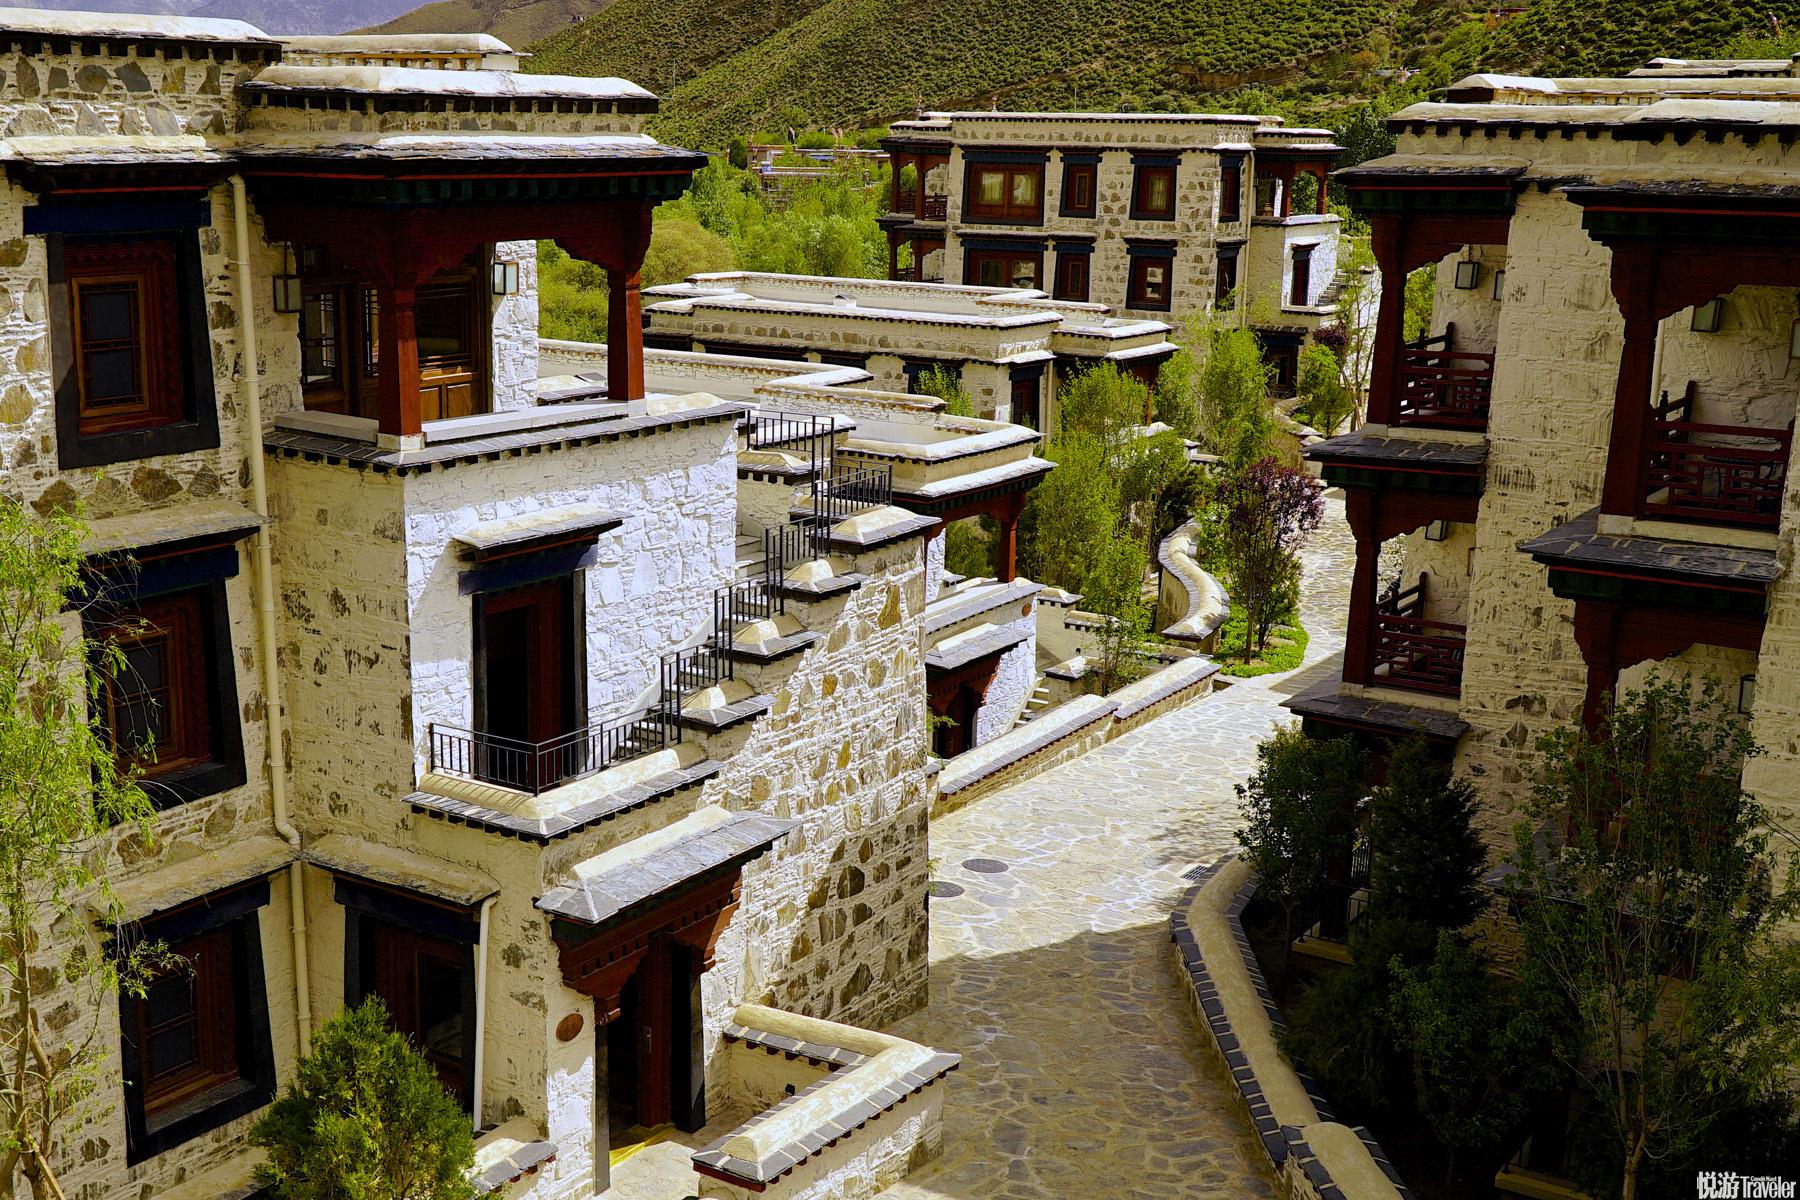 像古老的敏珠林寺一般,用片岩来建造松赞拉萨,这是我们早年就一直在构想的细节。 年迈的老人们走在建筑...